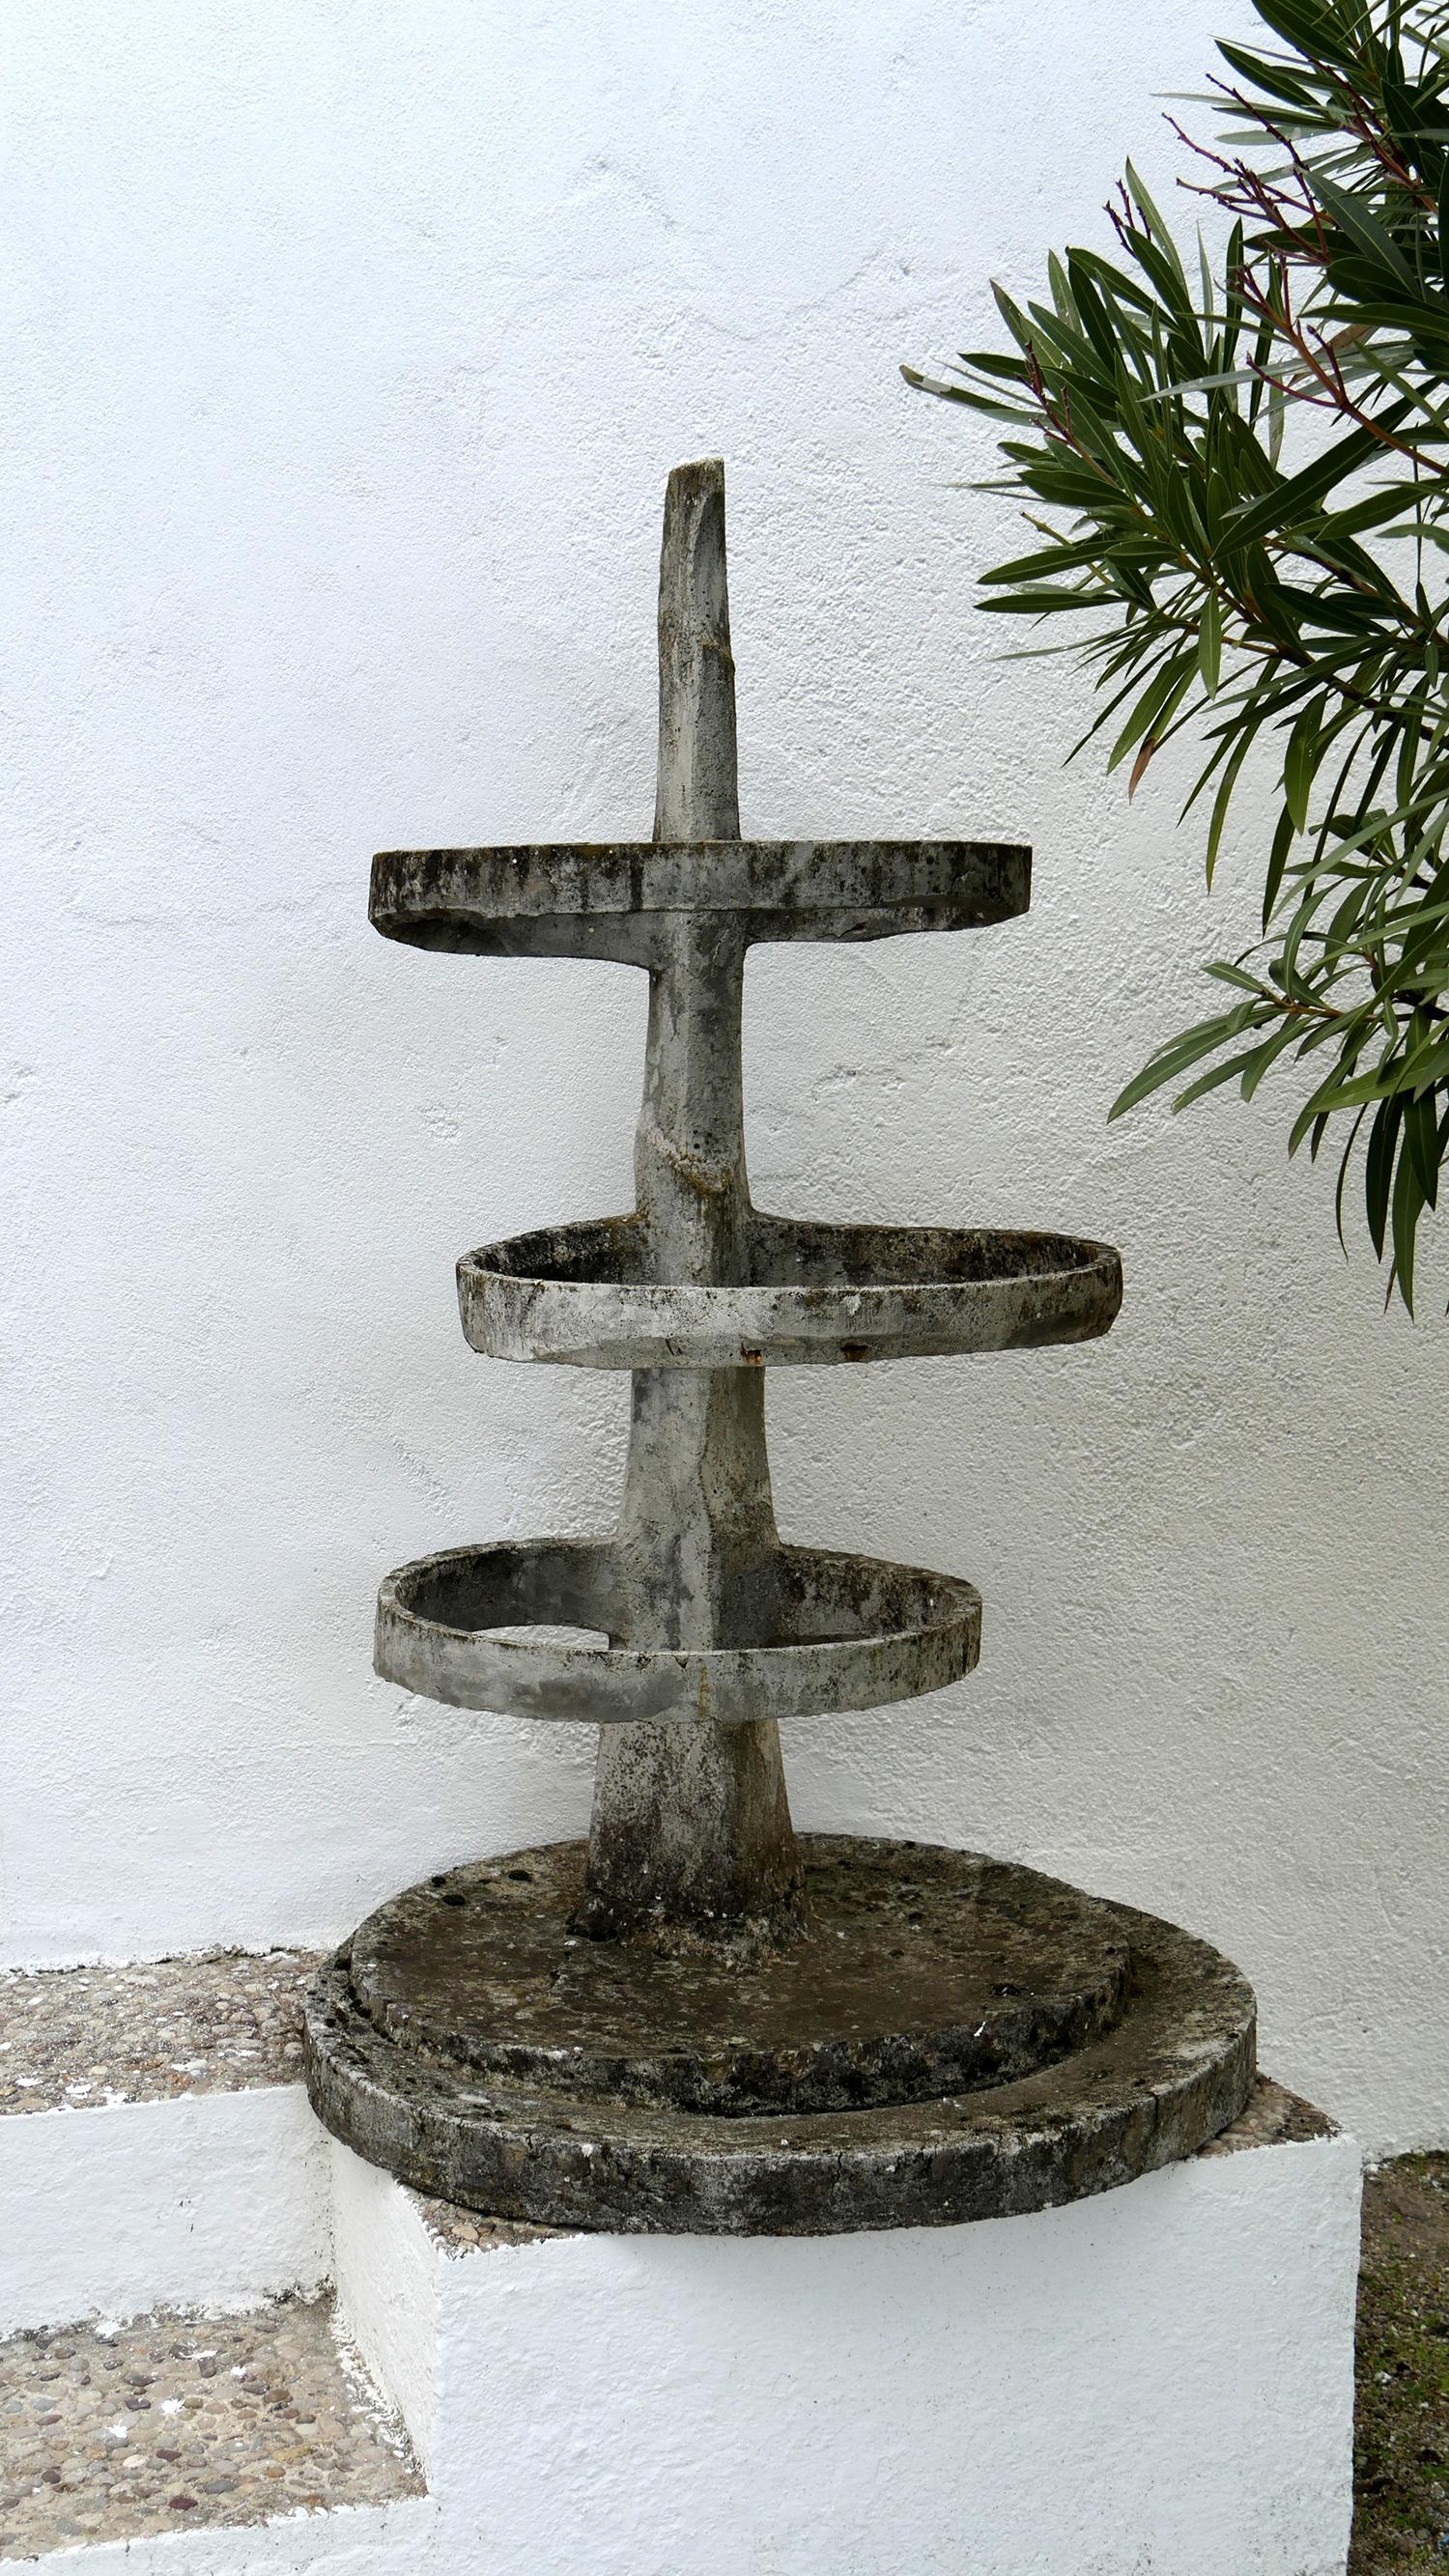 1969. Fuente Monumental con Aros, Boceto de proyecto, hormigón, 115x66x66 cms. 1969